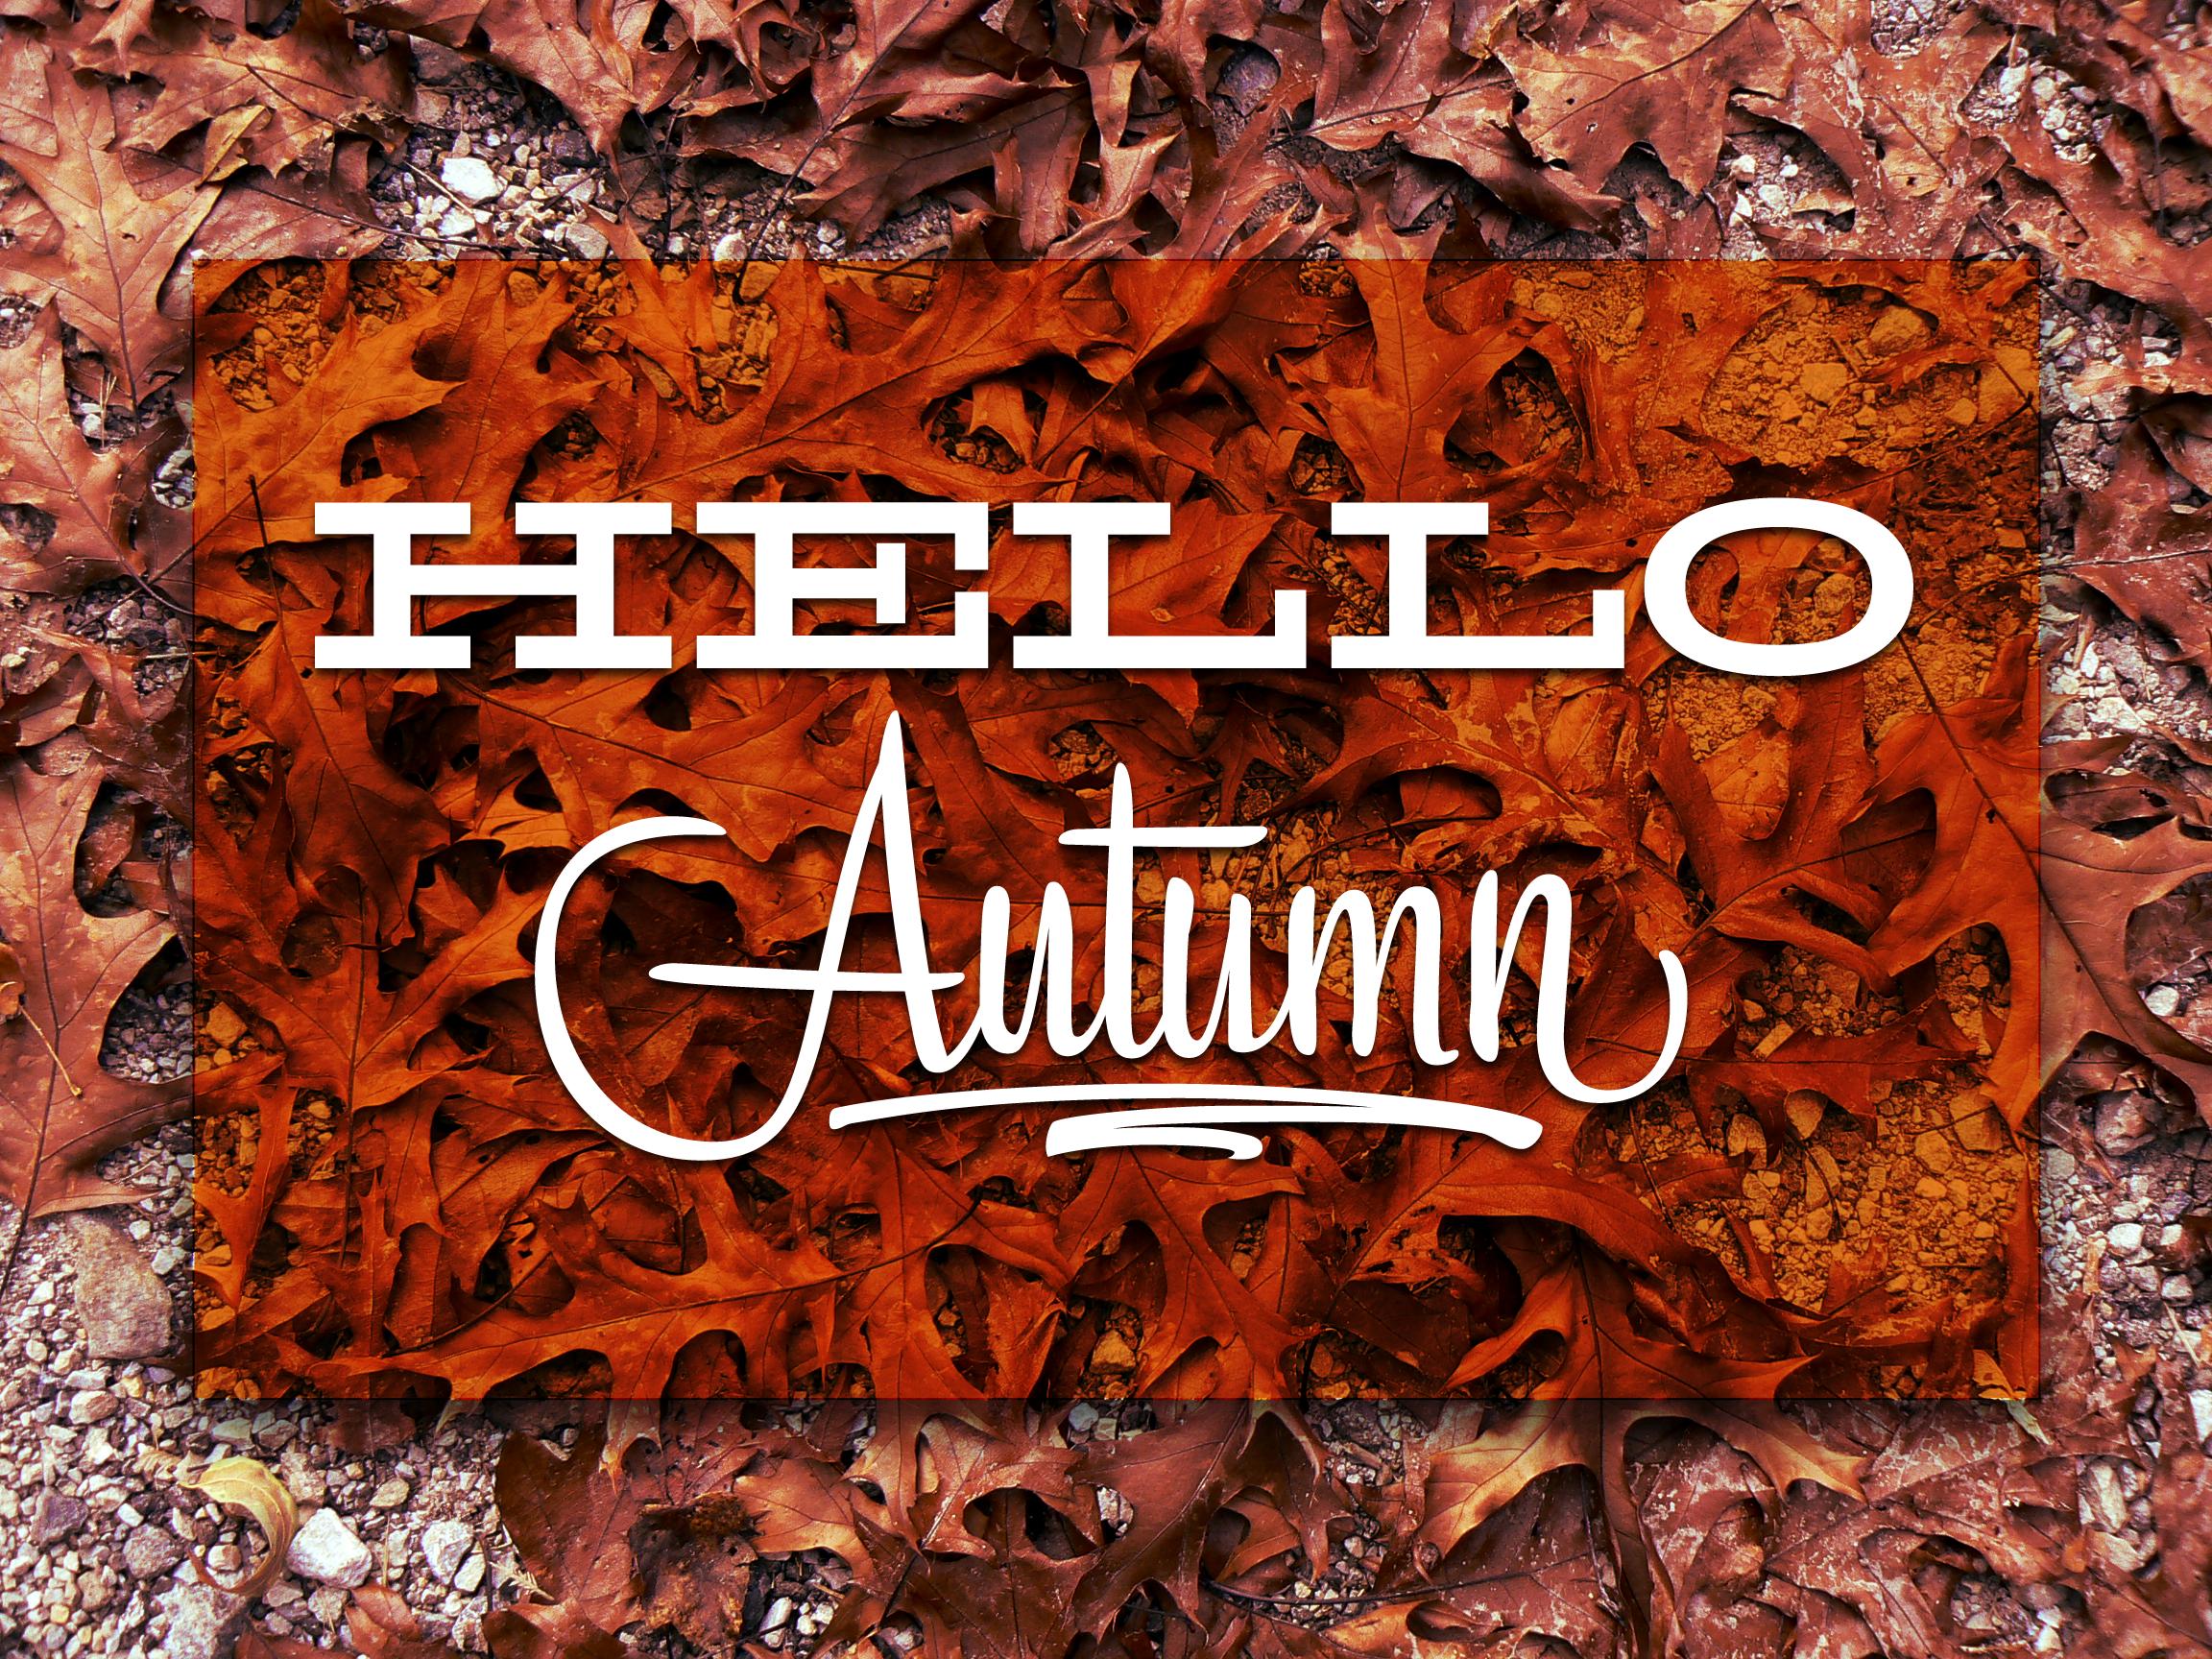 Hello Autumn Full.